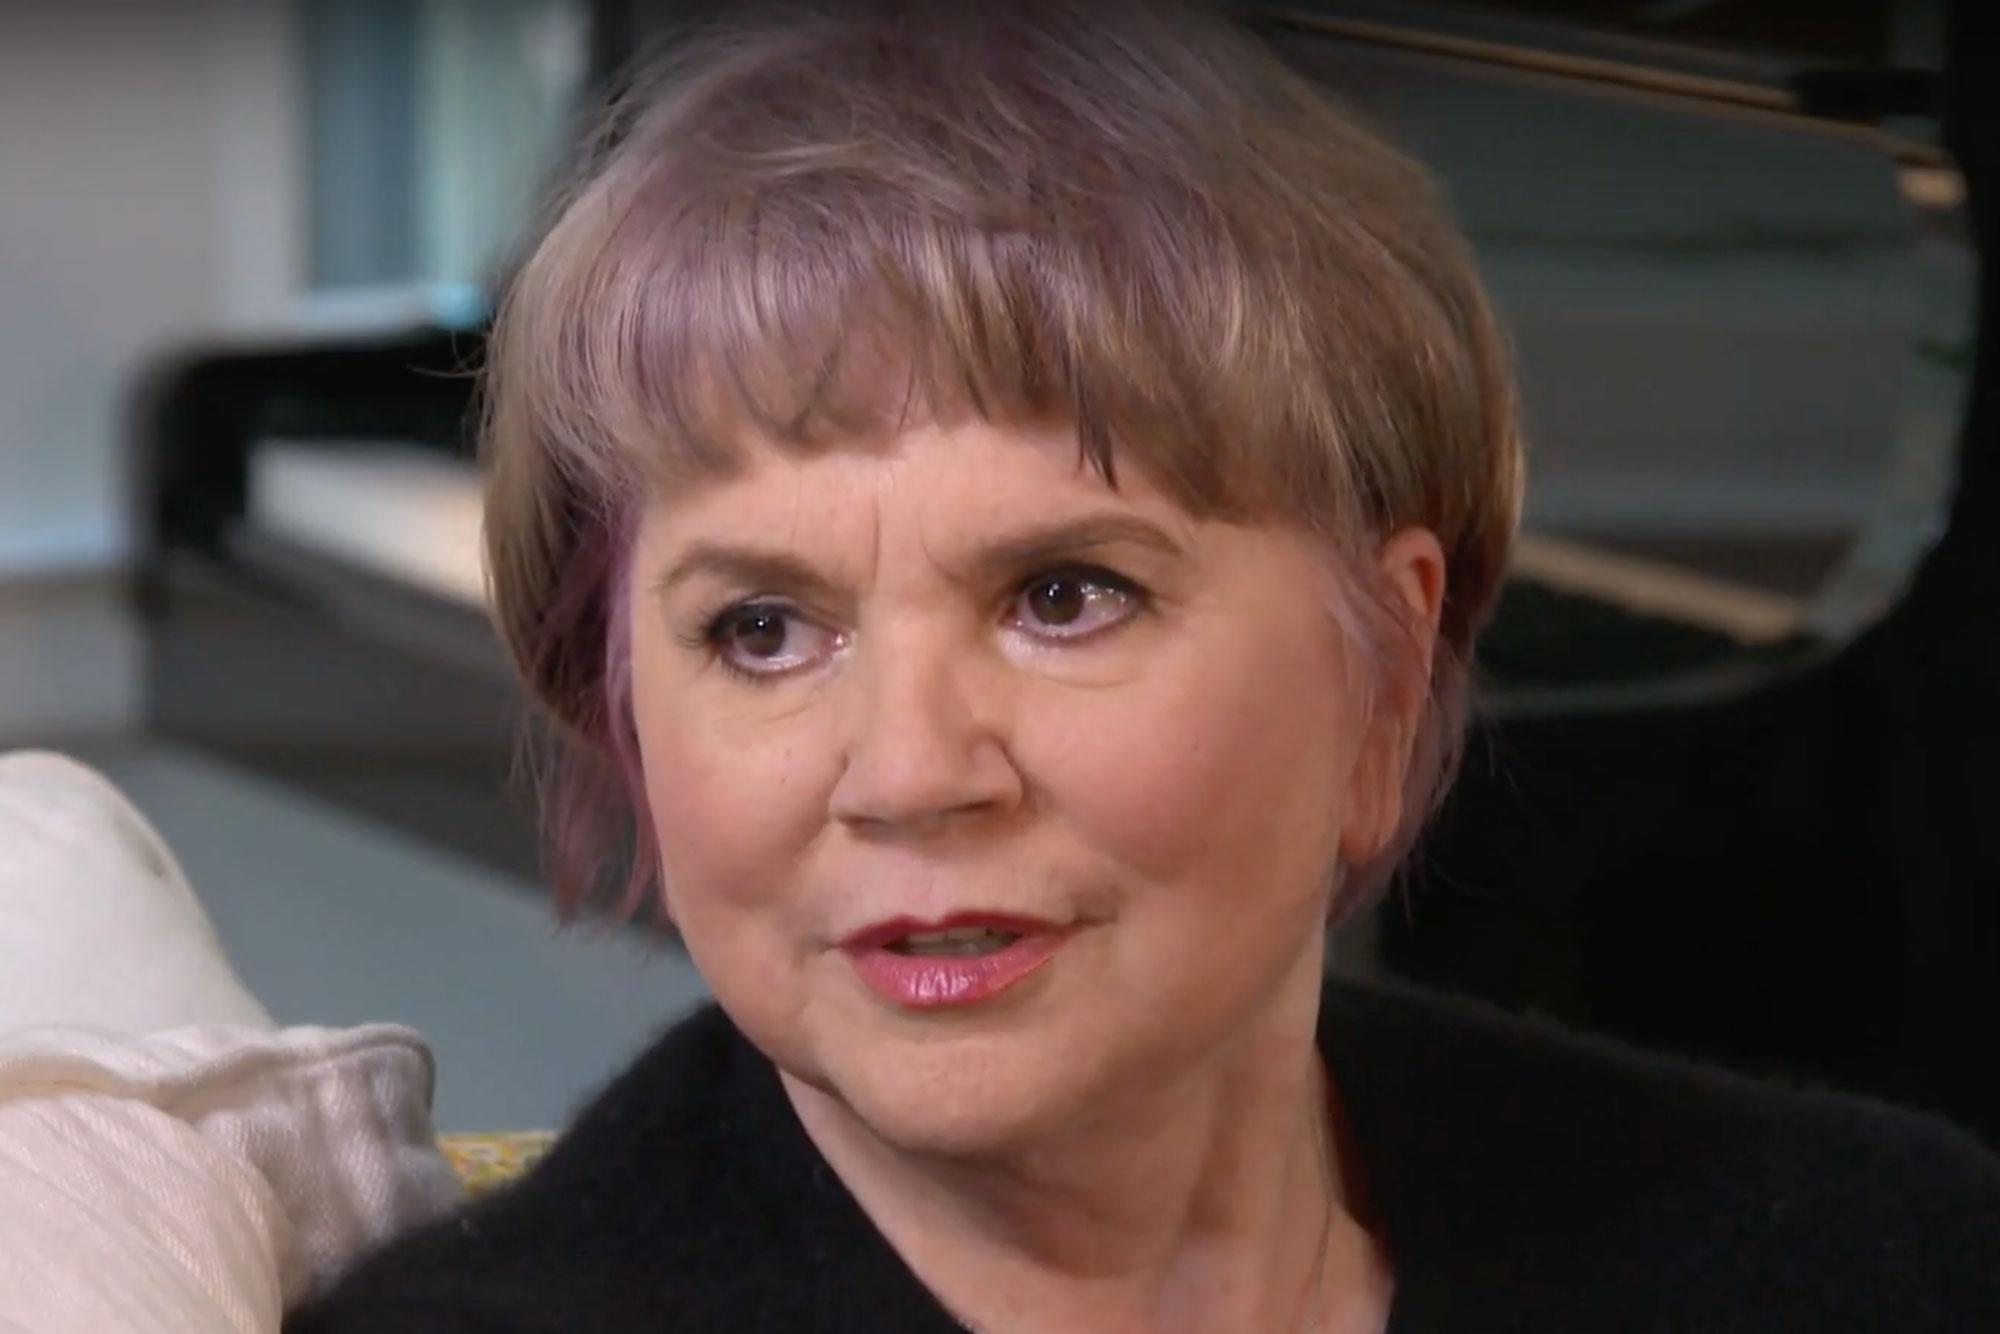 picture Linda Ronstadt